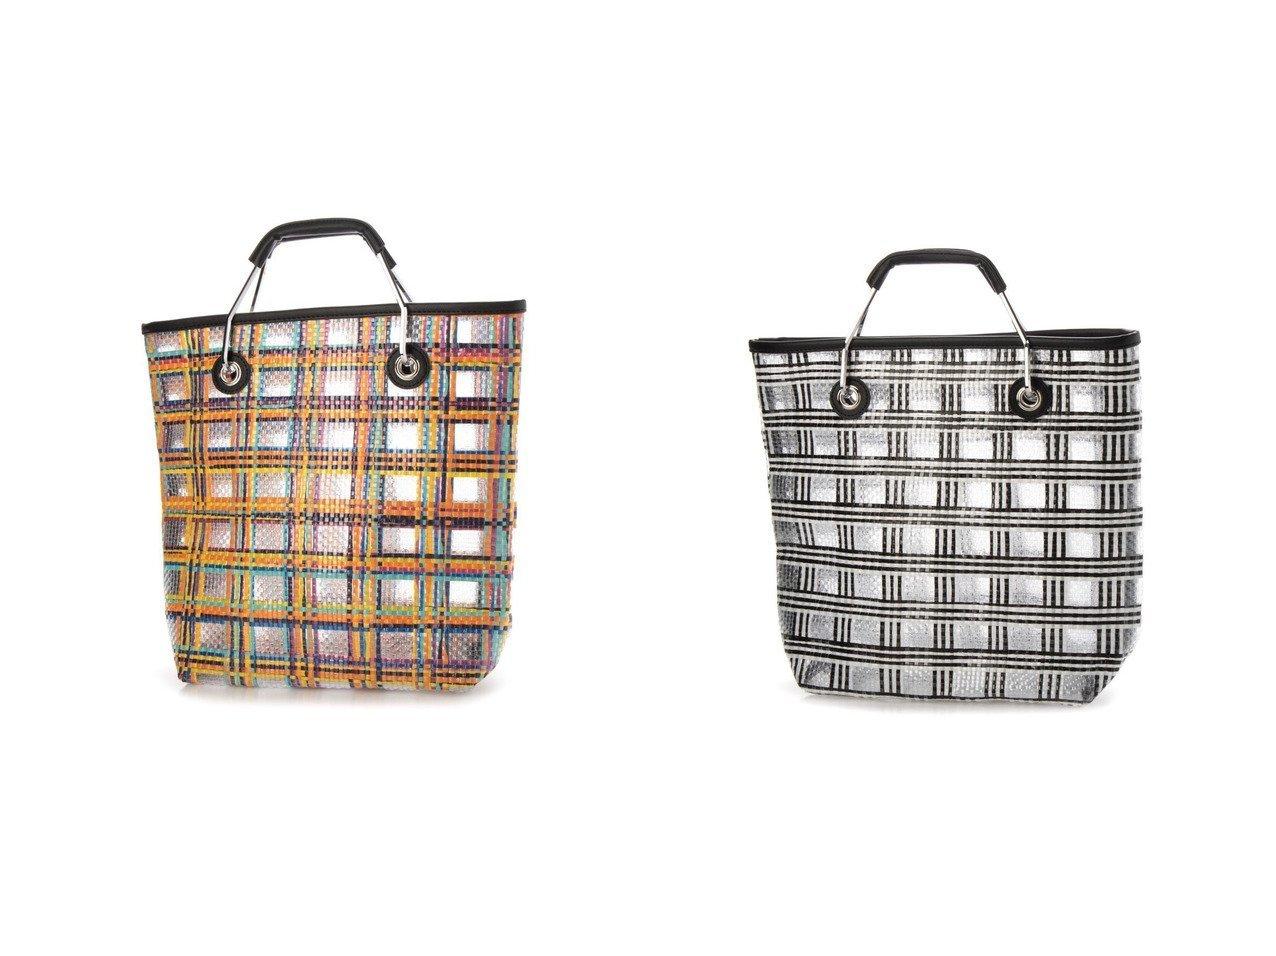 【MODE ET JACOMO SELECT/モードエジャコモ セレクト】のチェックデザインメッシュトートバッグ 【バッグ・鞄】おすすめ!人気、トレンド・レディースファッションの通販 おすすめで人気の流行・トレンド、ファッションの通販商品 インテリア・家具・メンズファッション・キッズファッション・レディースファッション・服の通販 founy(ファニー) https://founy.com/ ファッション Fashion レディースファッション WOMEN バッグ Bag 2021年 2021 2021春夏・S/S SS/Spring/Summer/2021 S/S・春夏 SS・Spring/Summer チェック メッシュ 春 Spring 財布 |ID:crp329100000045206